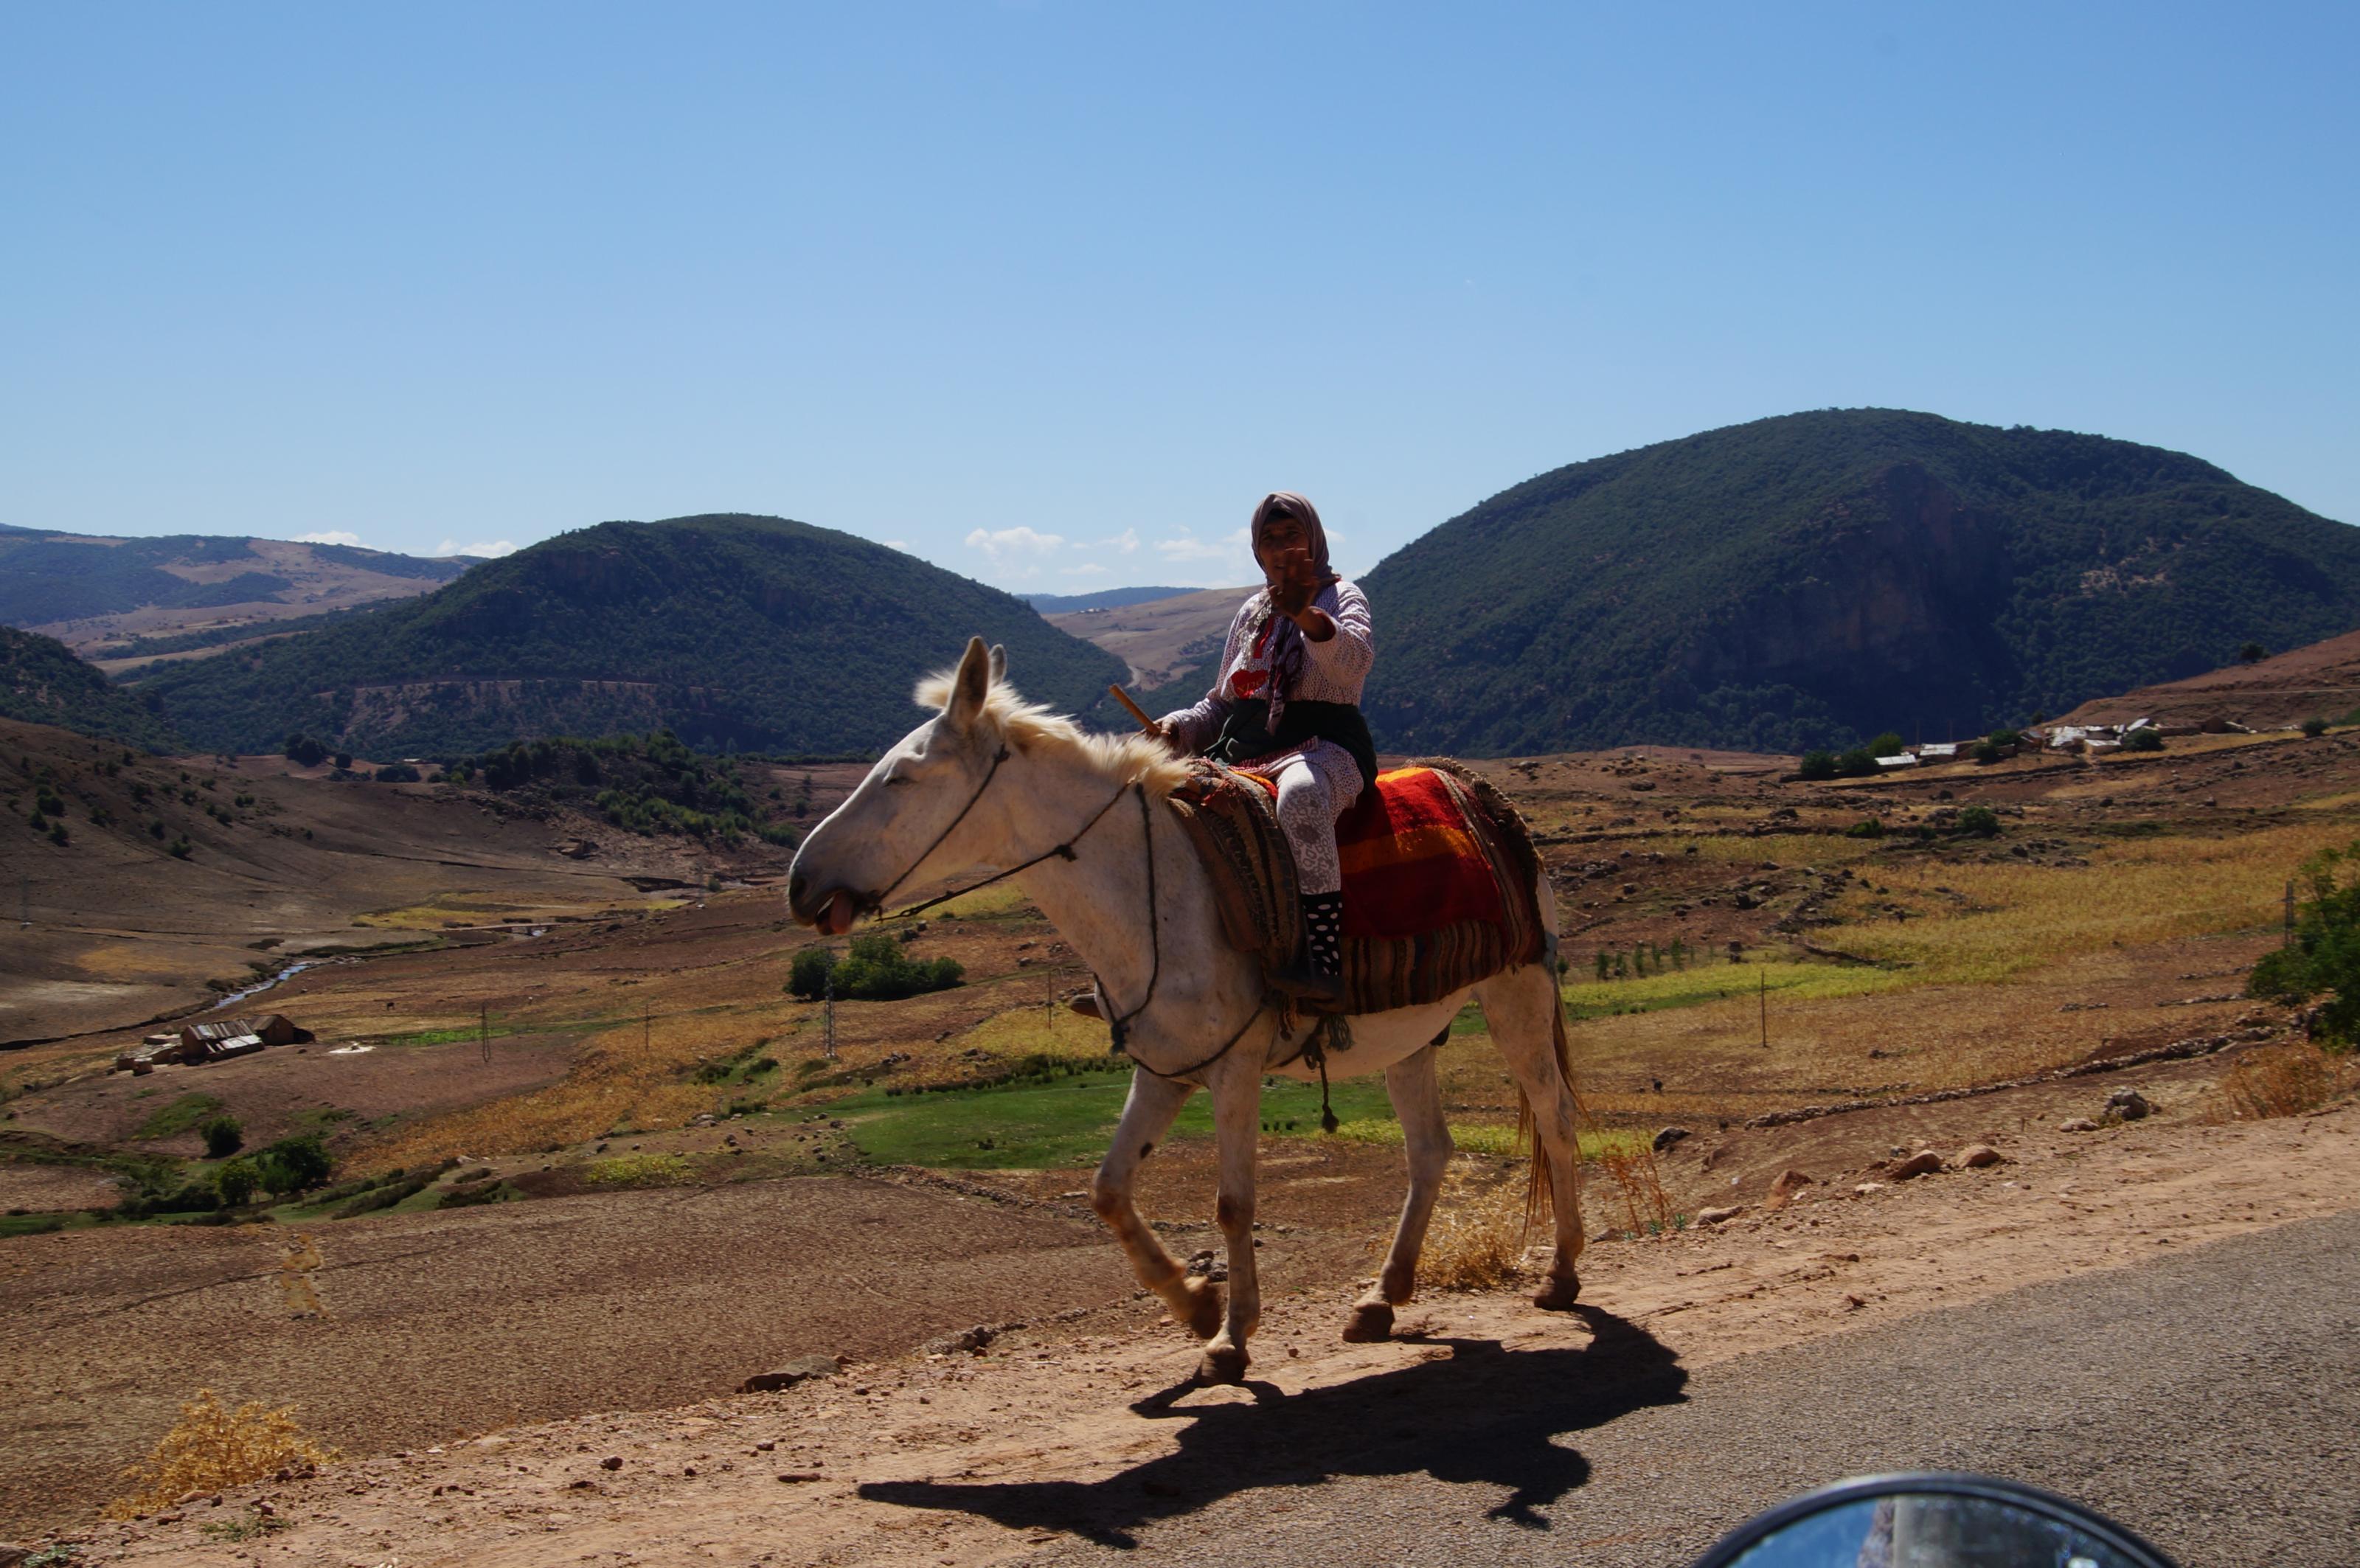 marokko-227.jpg